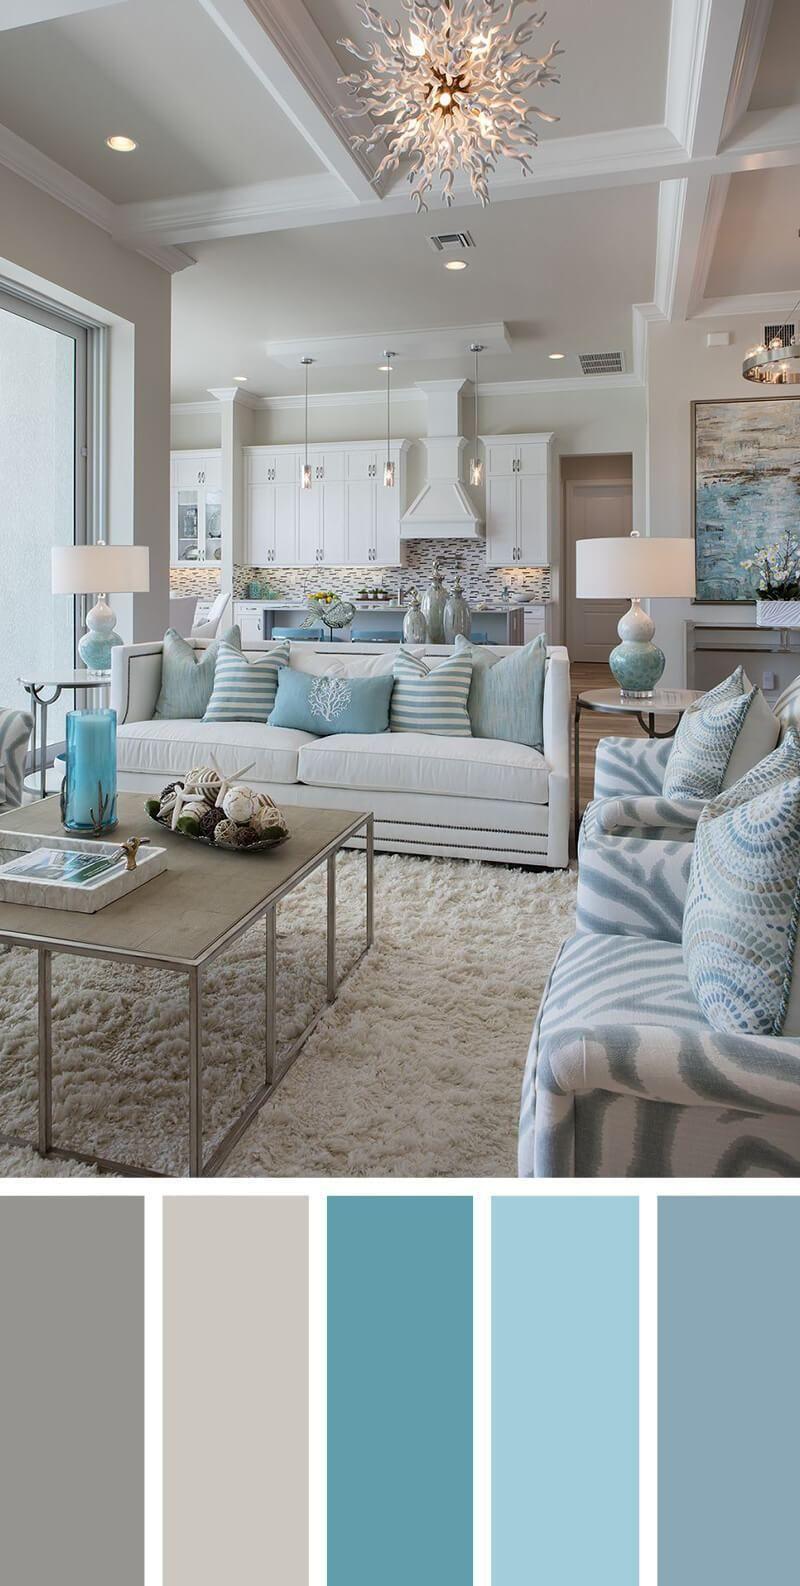 A Calming Sea Of Blues Living Room Color Schemes Living Room Color Paint Colors For Living Room